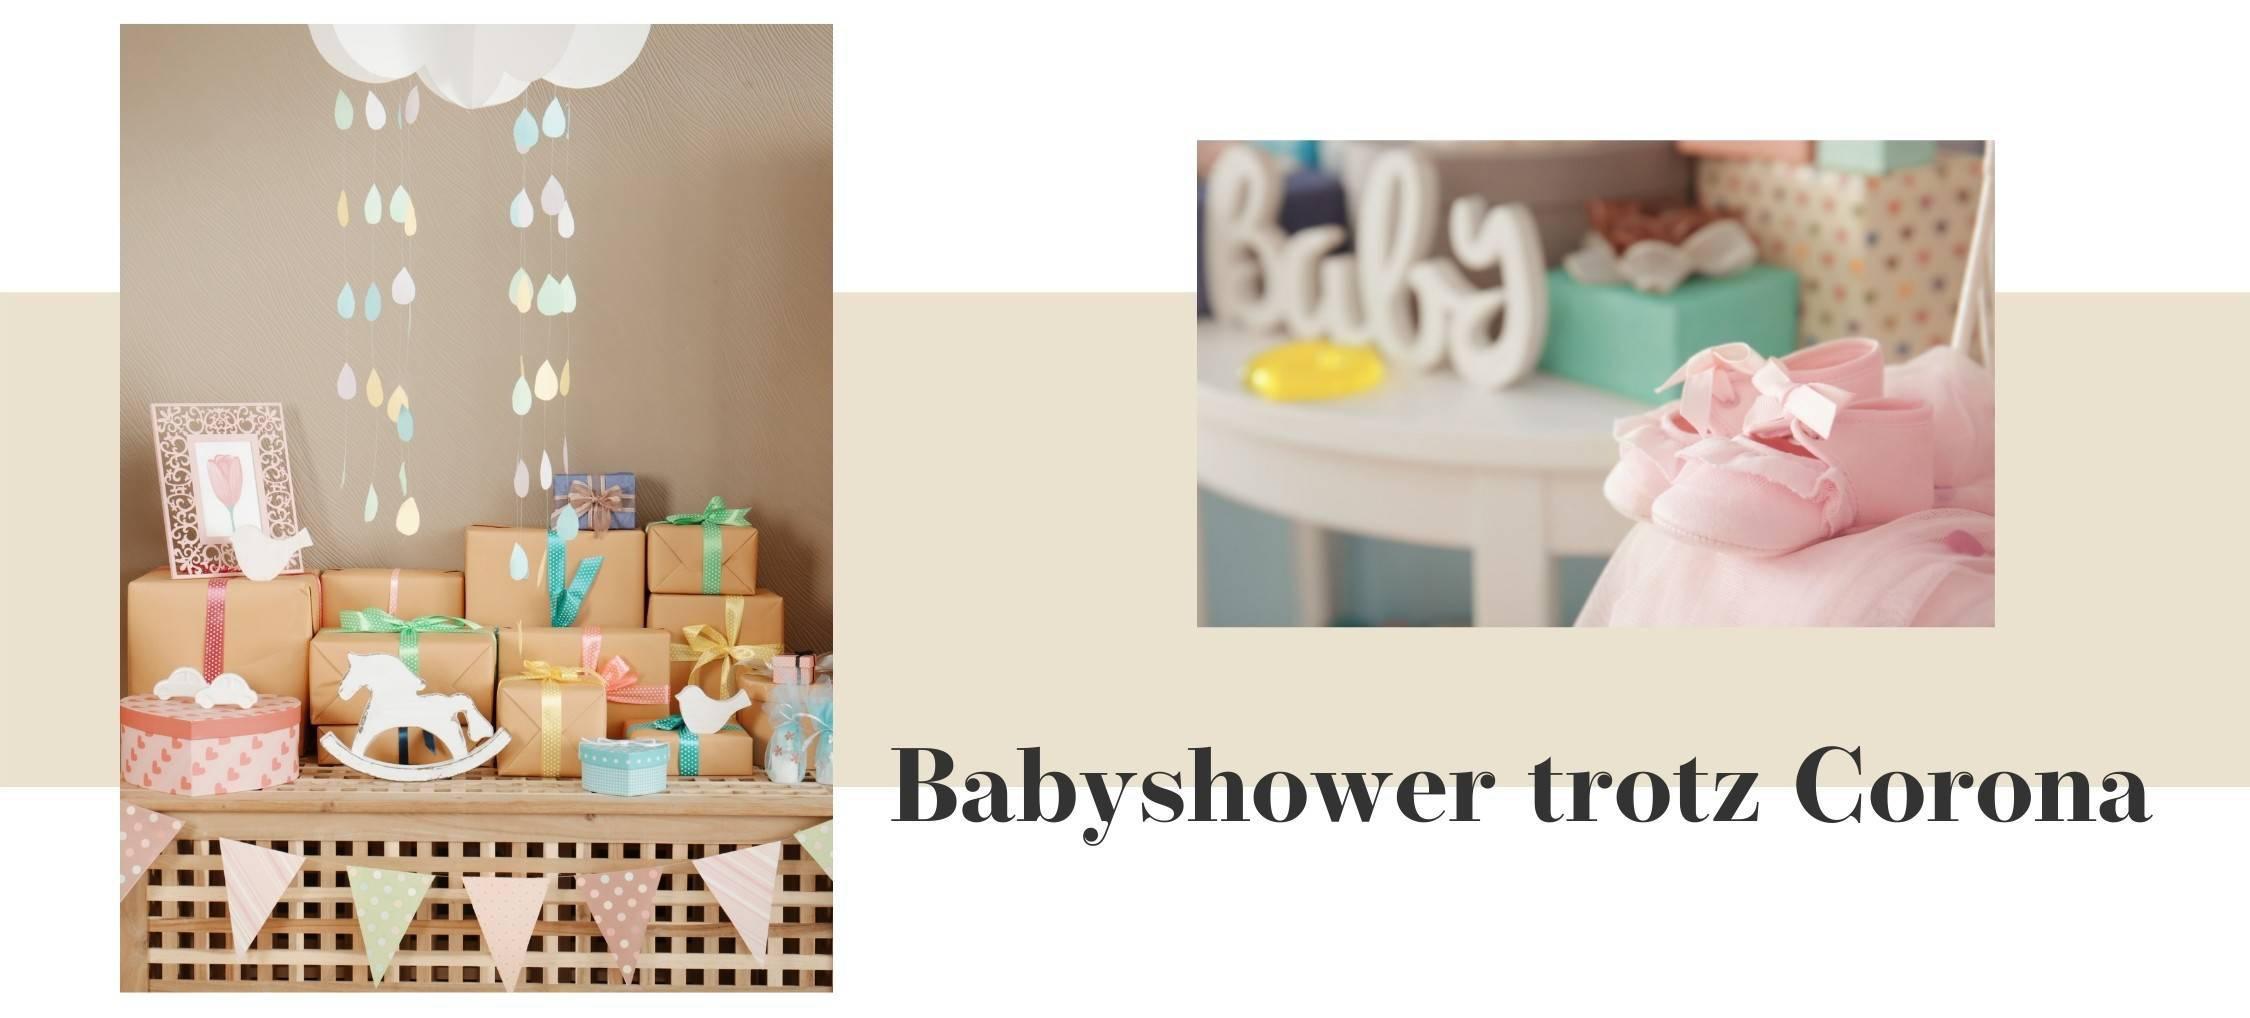 Virtuelle Babyshower